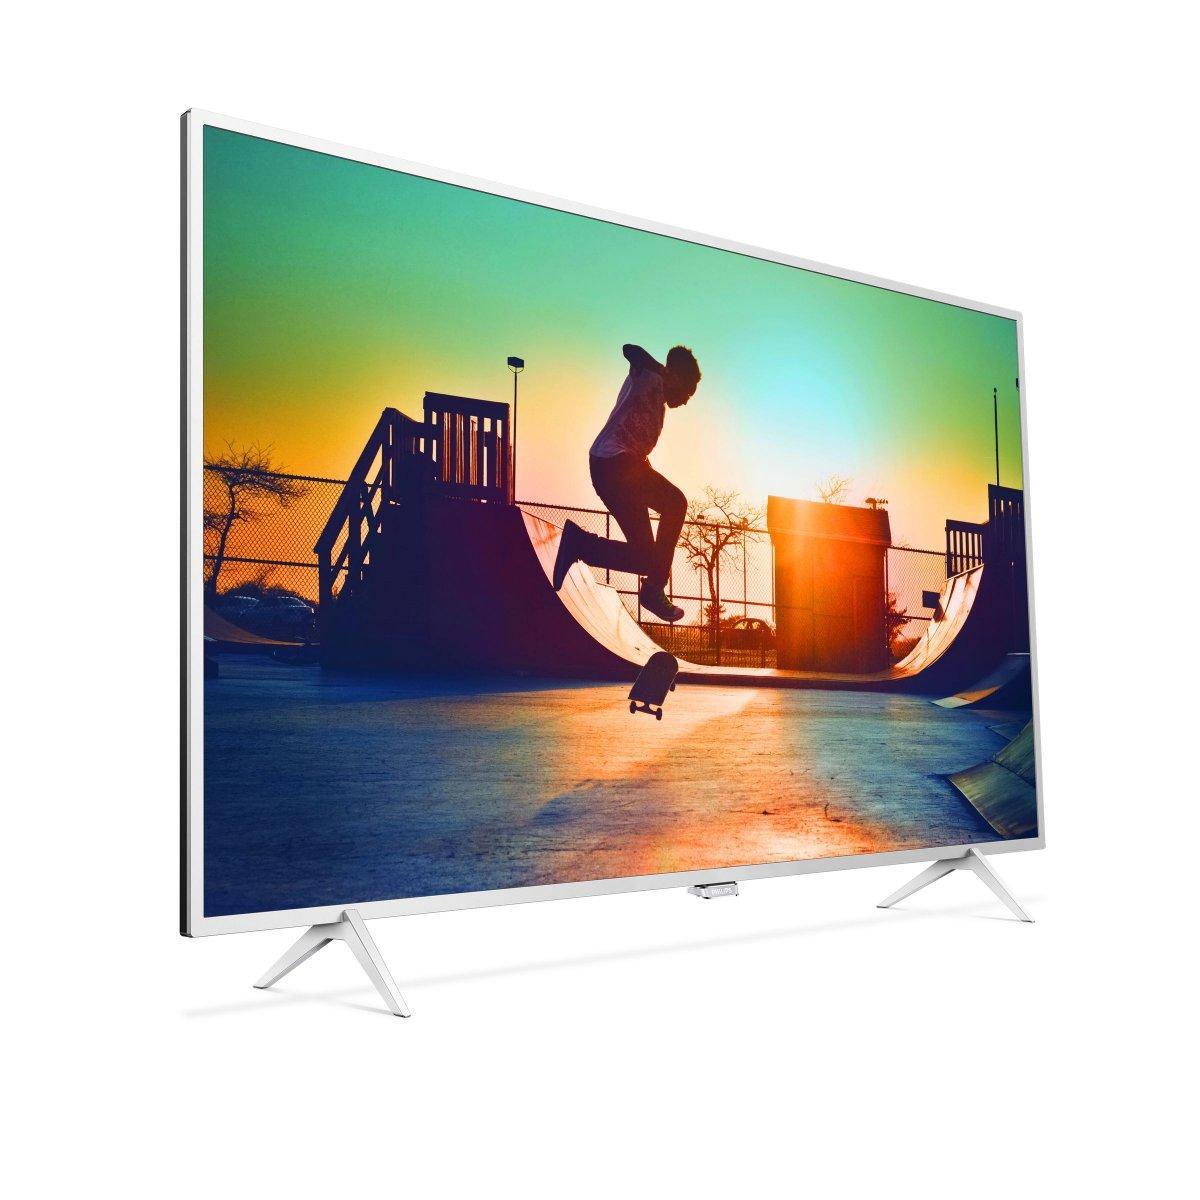 Philips 49PUS6432/12 LED Televizors